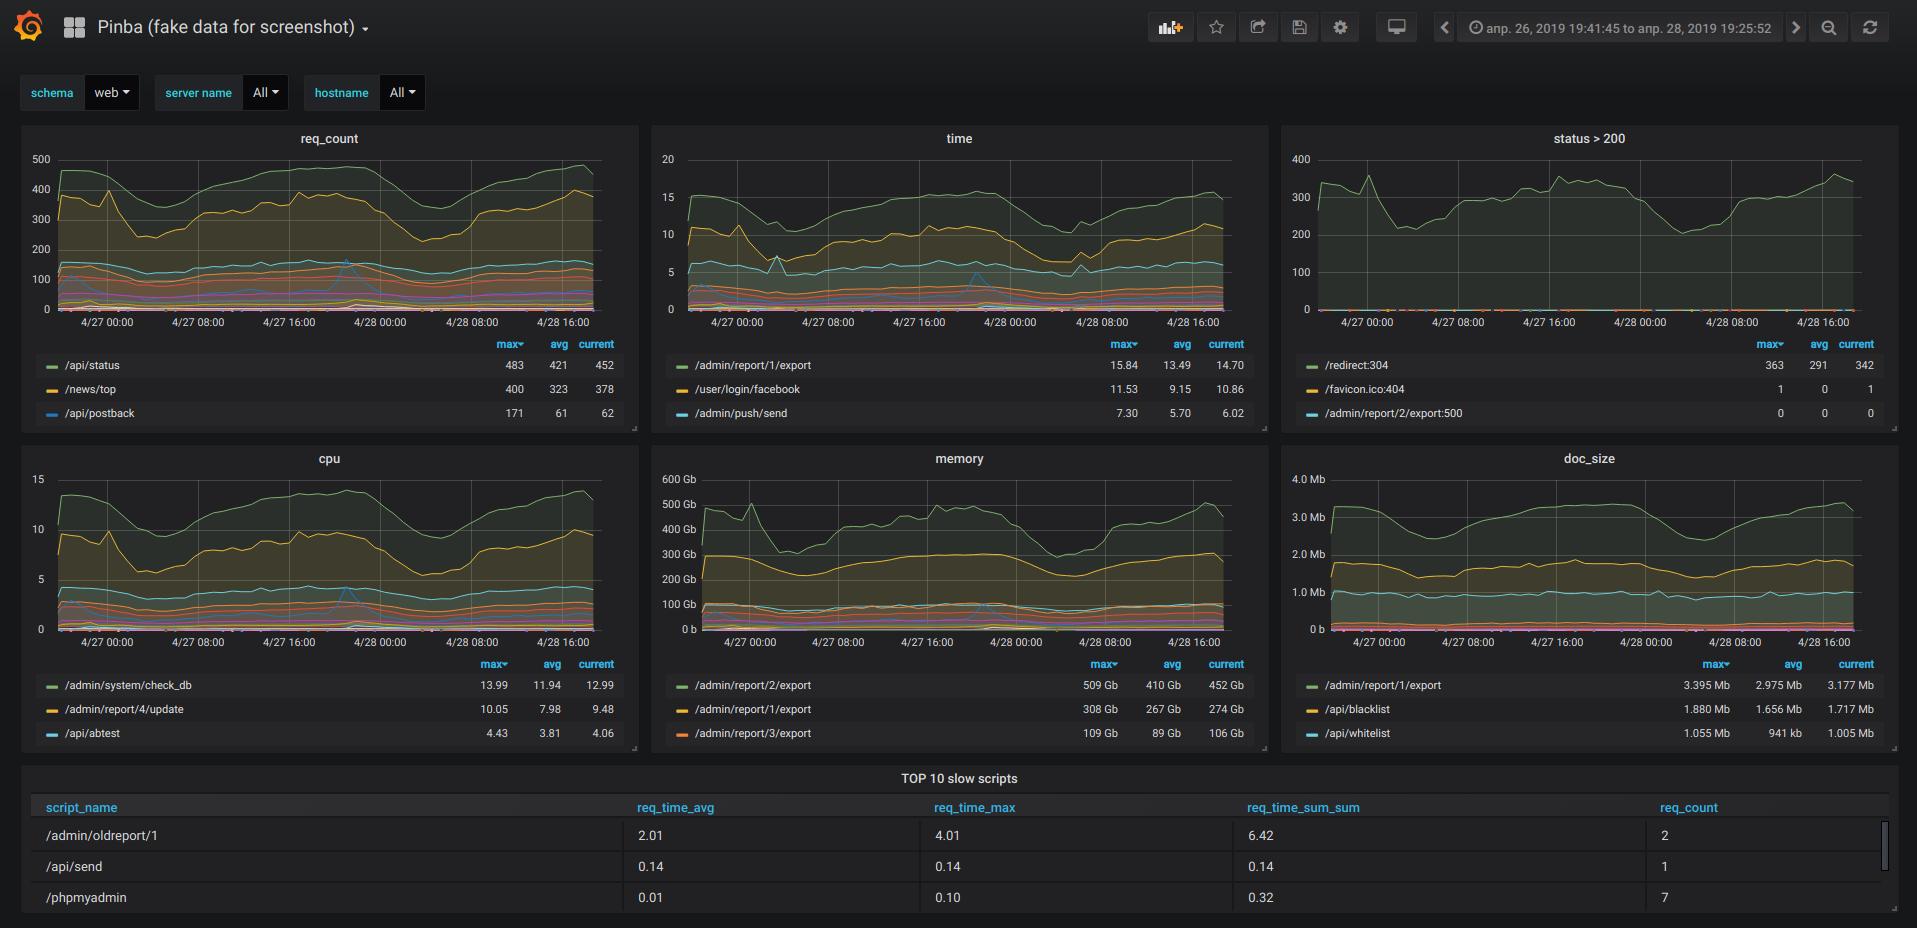 Статистика и мониторинг PHP скриптов в реальном времени. ClickHouse и Grafana идут на помощь к Pinba - 1